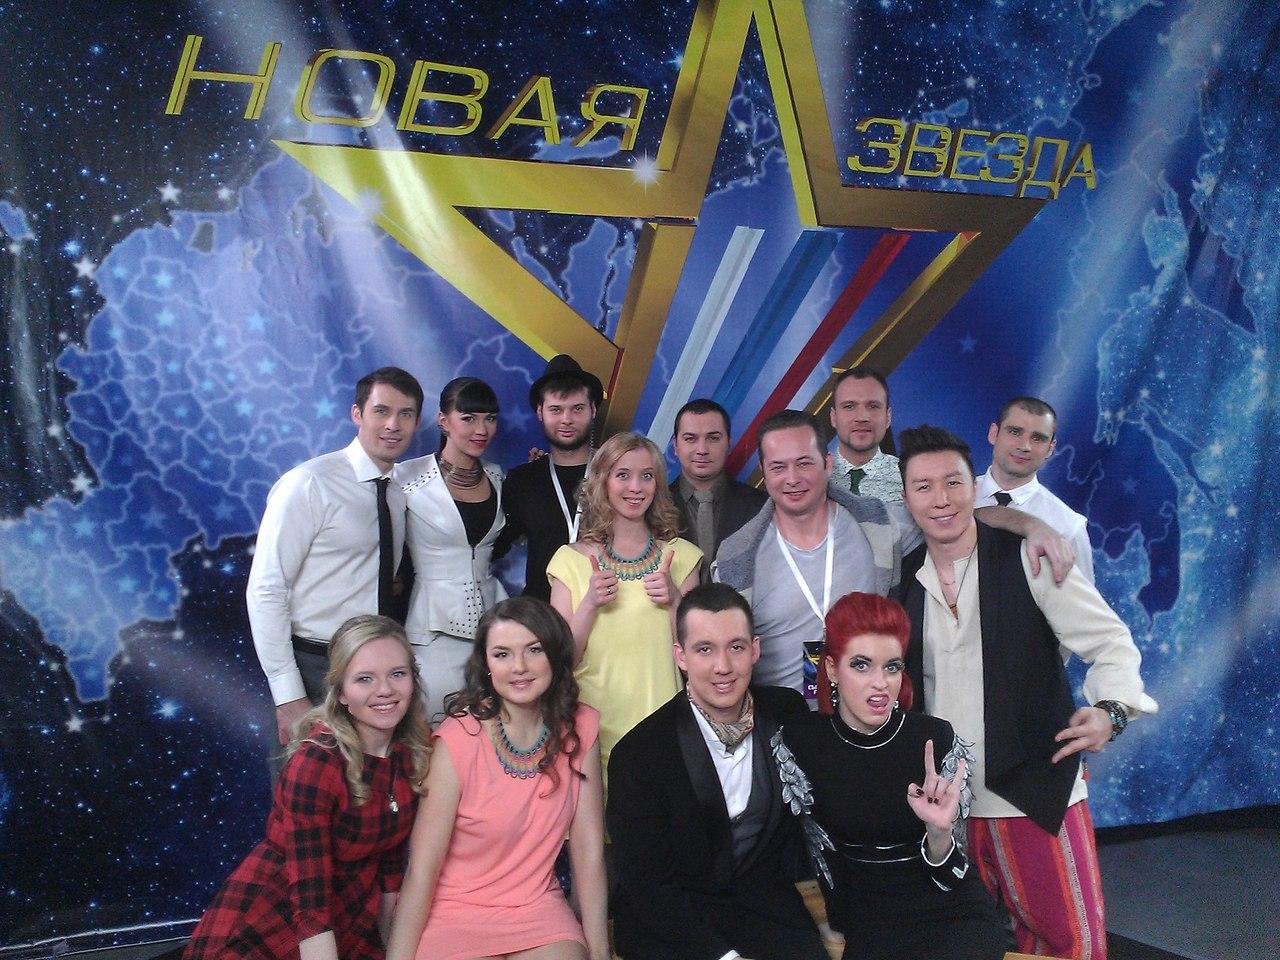 дивертисмент, конкурс песни новая звезда